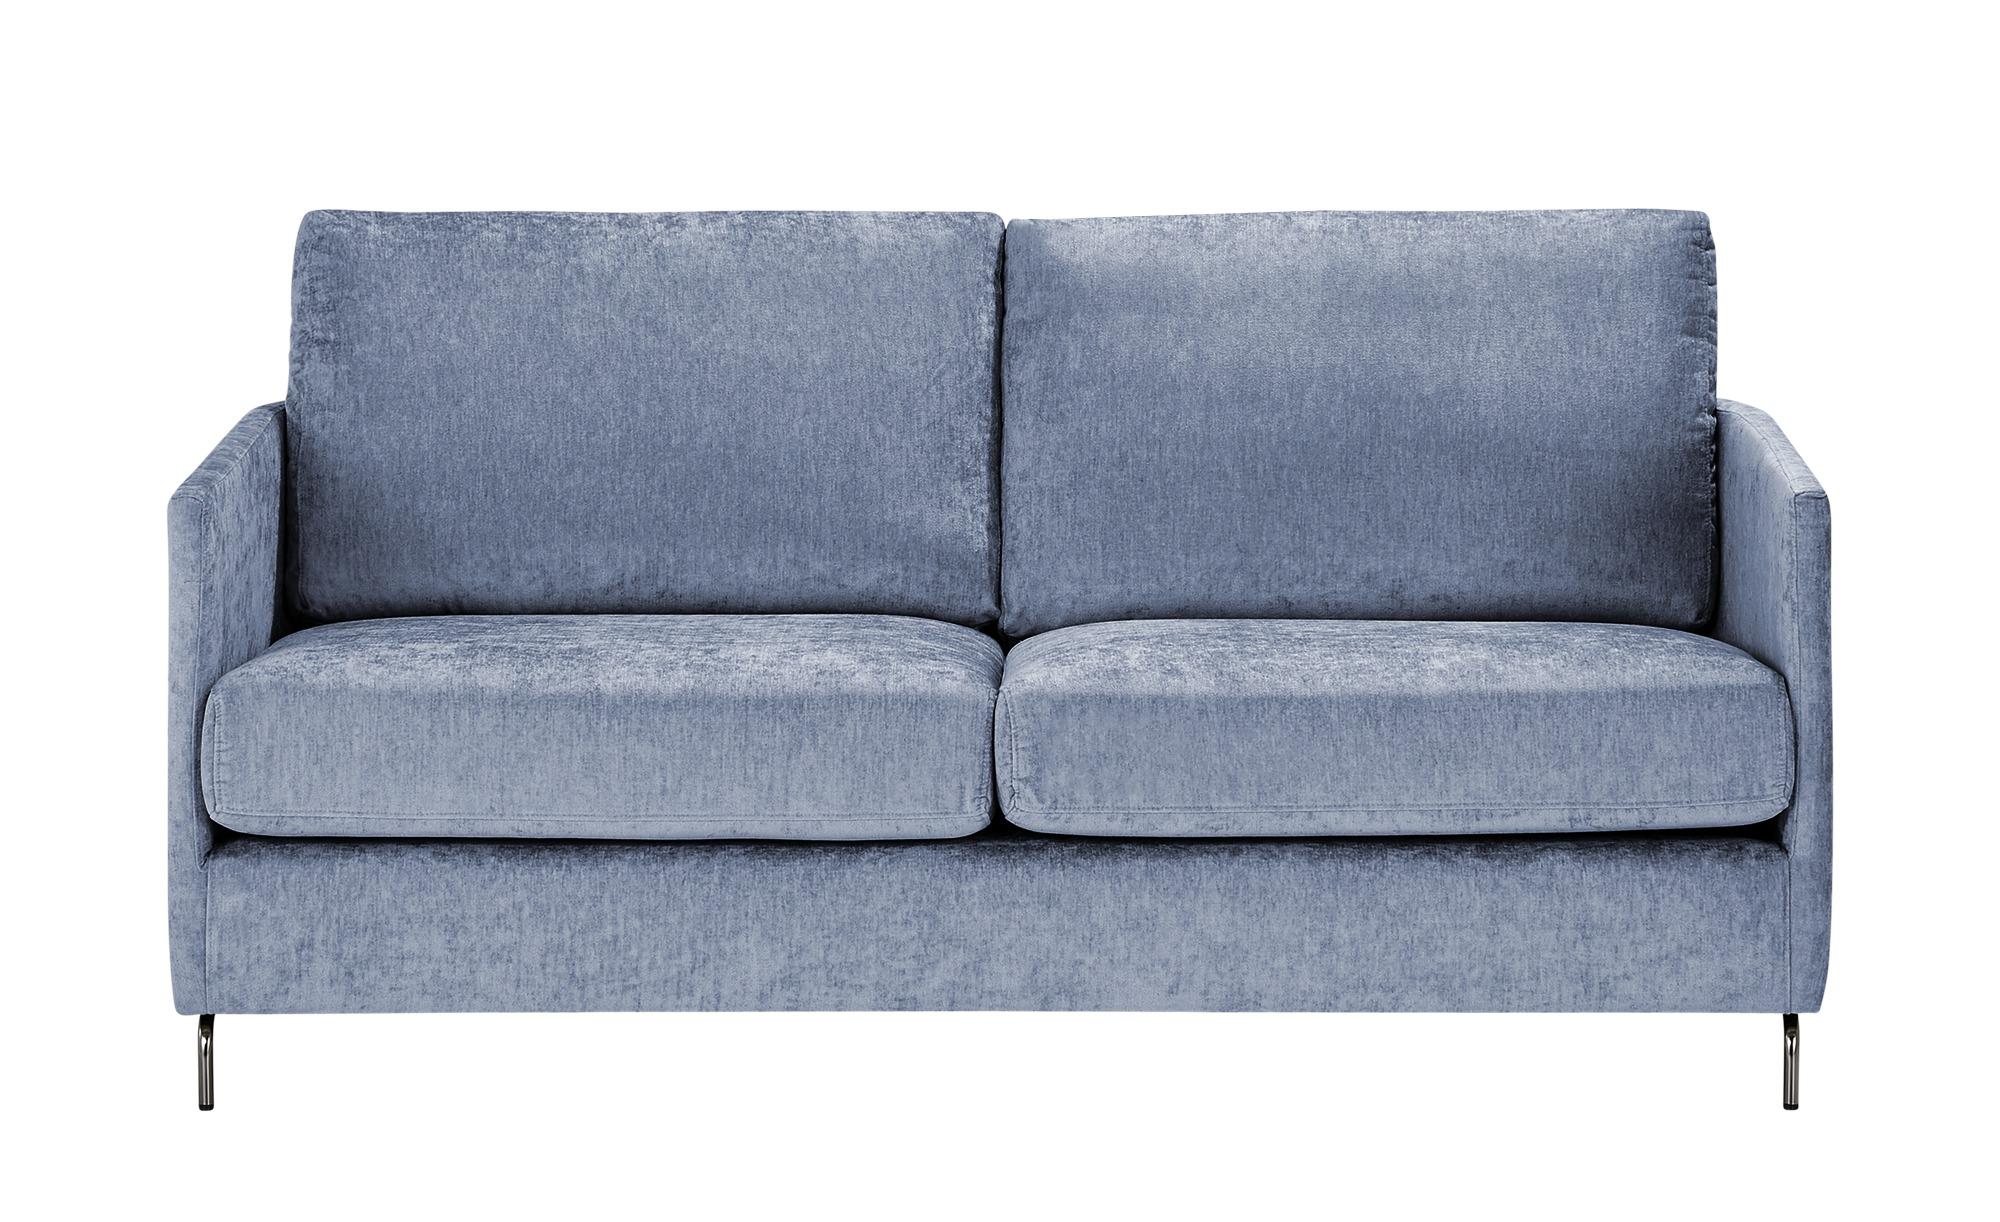 SOHO Sofa  Harriet Day ¦ blau ¦ Maße (cm): B: 167 H: 78 T: 97 Polstermöbel > Sofas > 2-Sitzer - Höffner